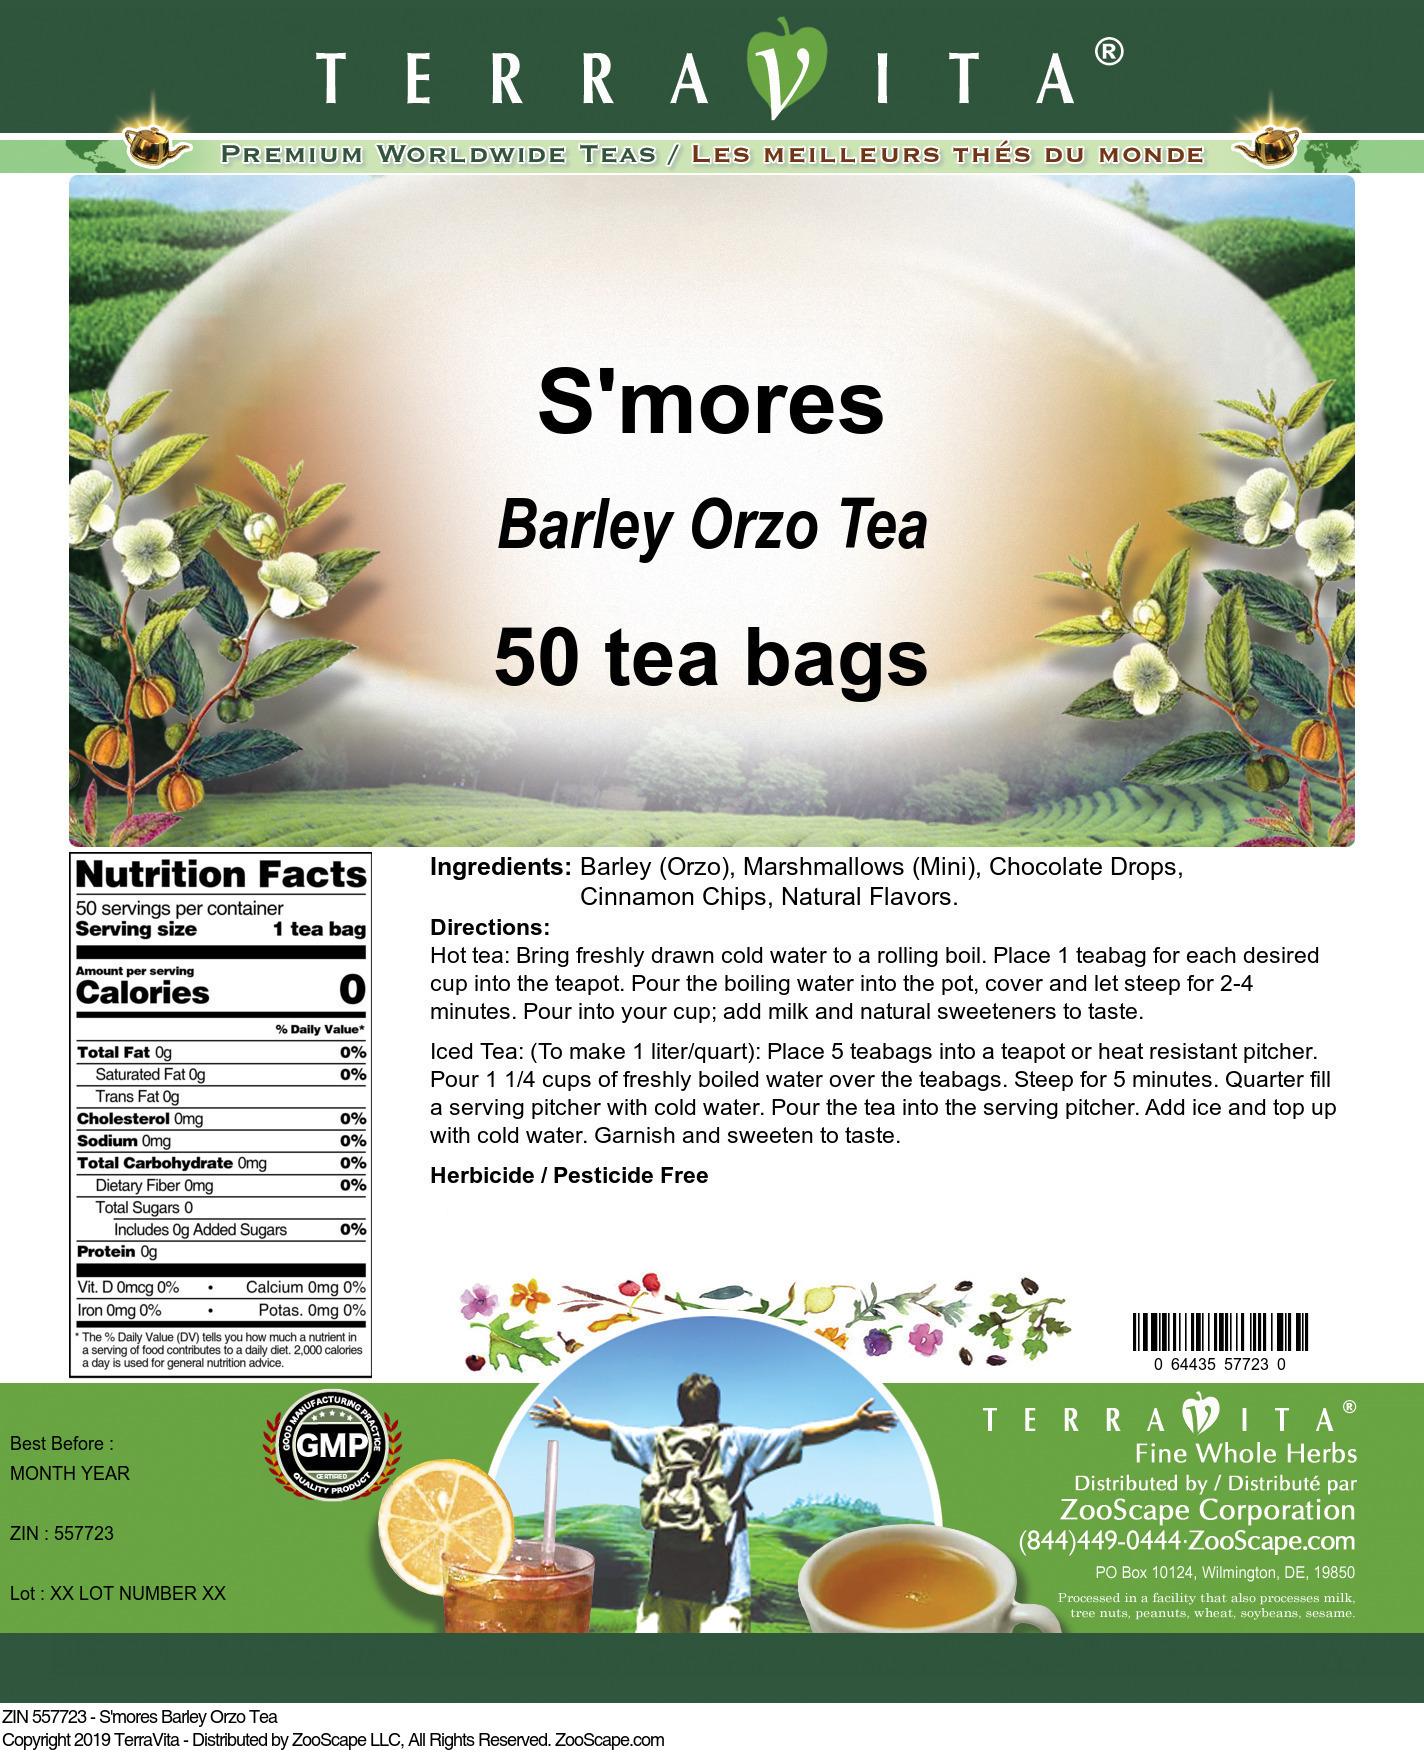 S'mores Barley Orzo Tea